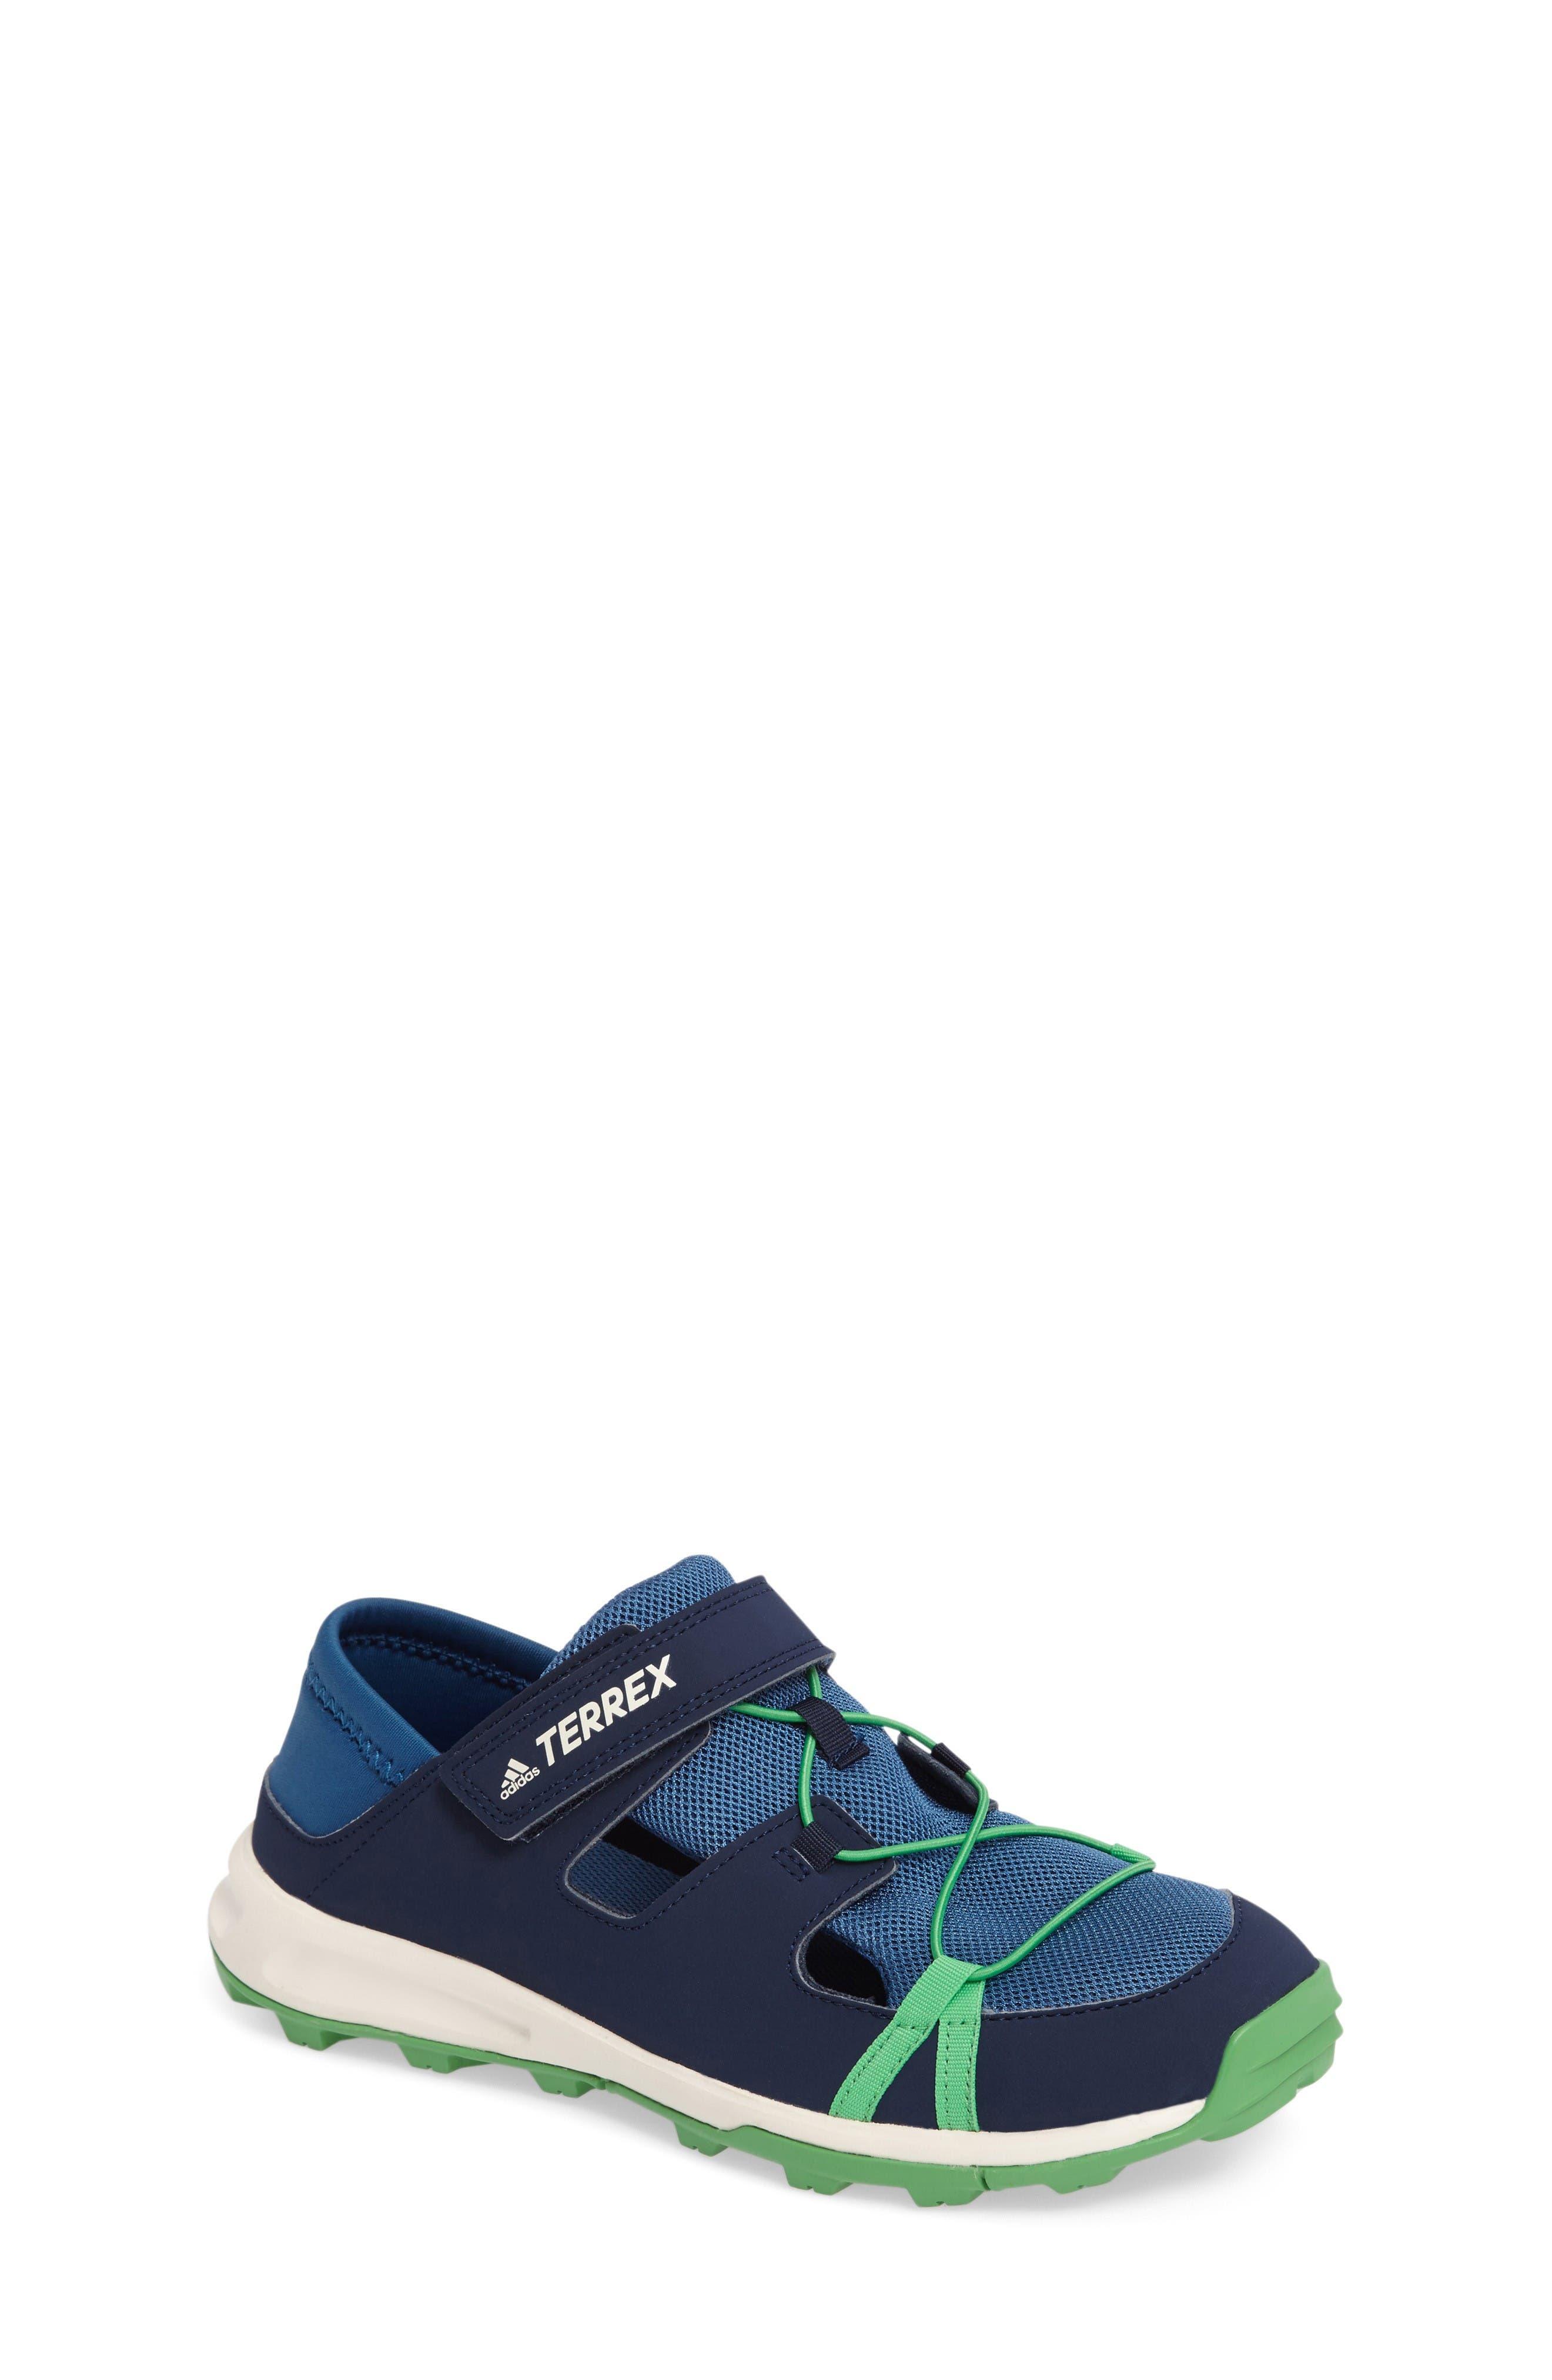 Main Image - adidas Terrex Tivid Sneaker (Toddler, Little Kid & Big Kid)